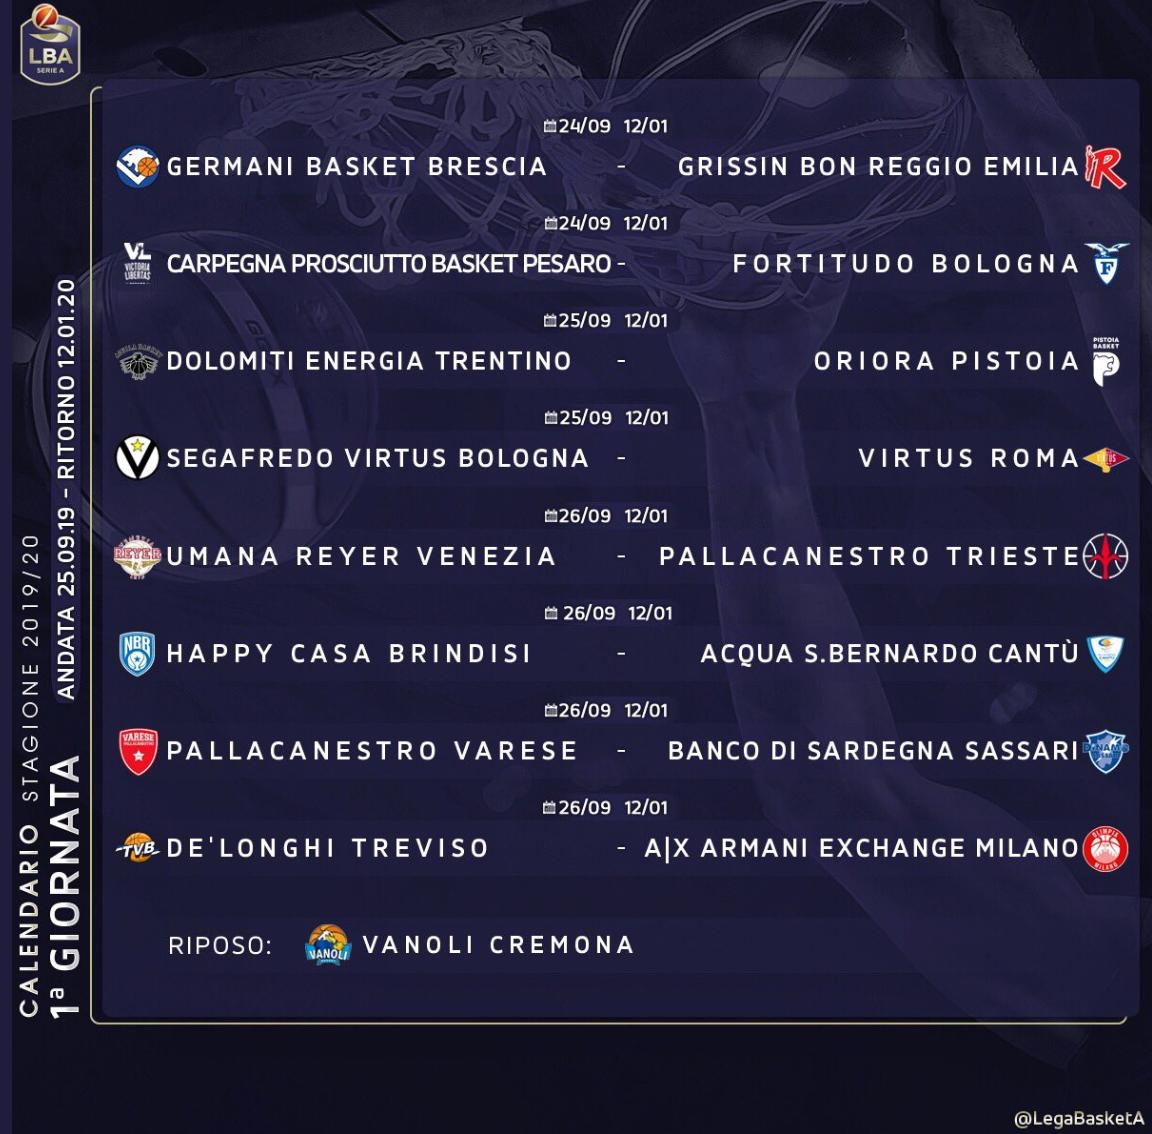 Serie A2 Basket Calendario.Serie A Il Calendario Della Stagione 2019 2020